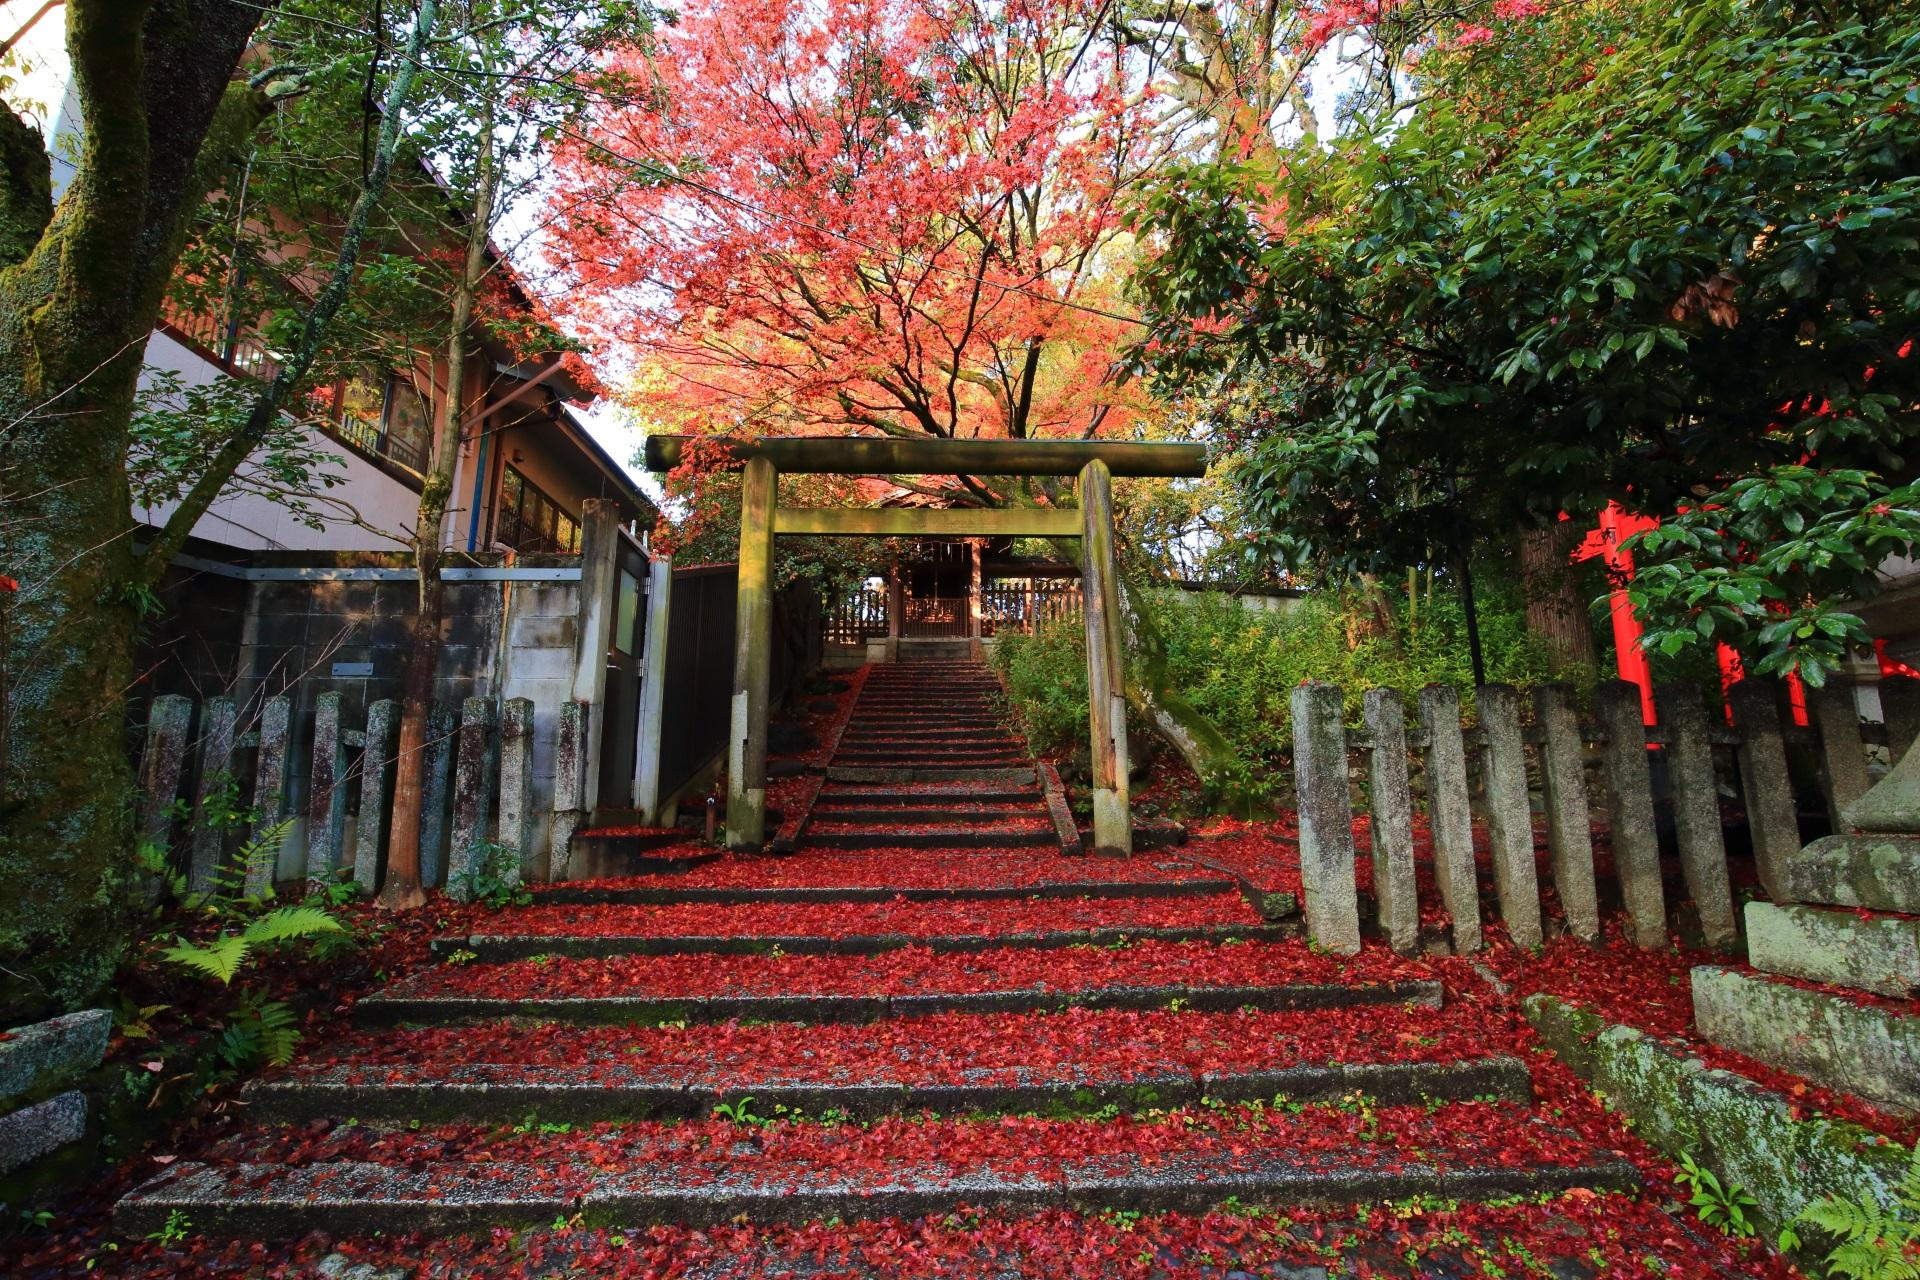 月読社と深い秋色の散り紅葉